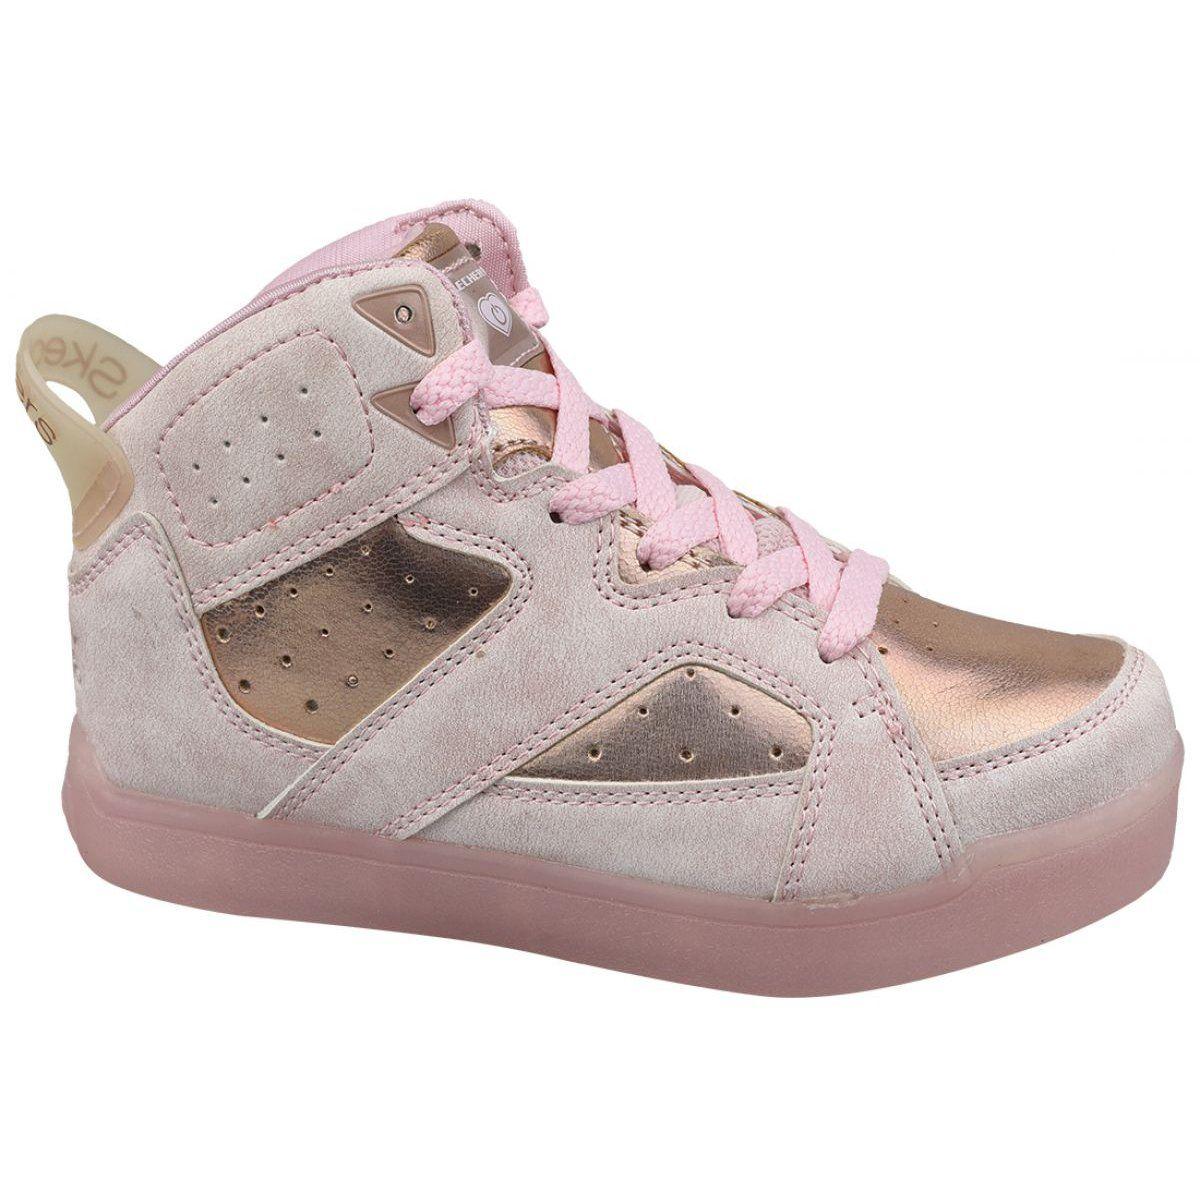 Buty Skechers E Pro Ii Lavish Lights Jr 20061l Ltpk Rozowe Skechers Top Sneakers Wedge Sneaker